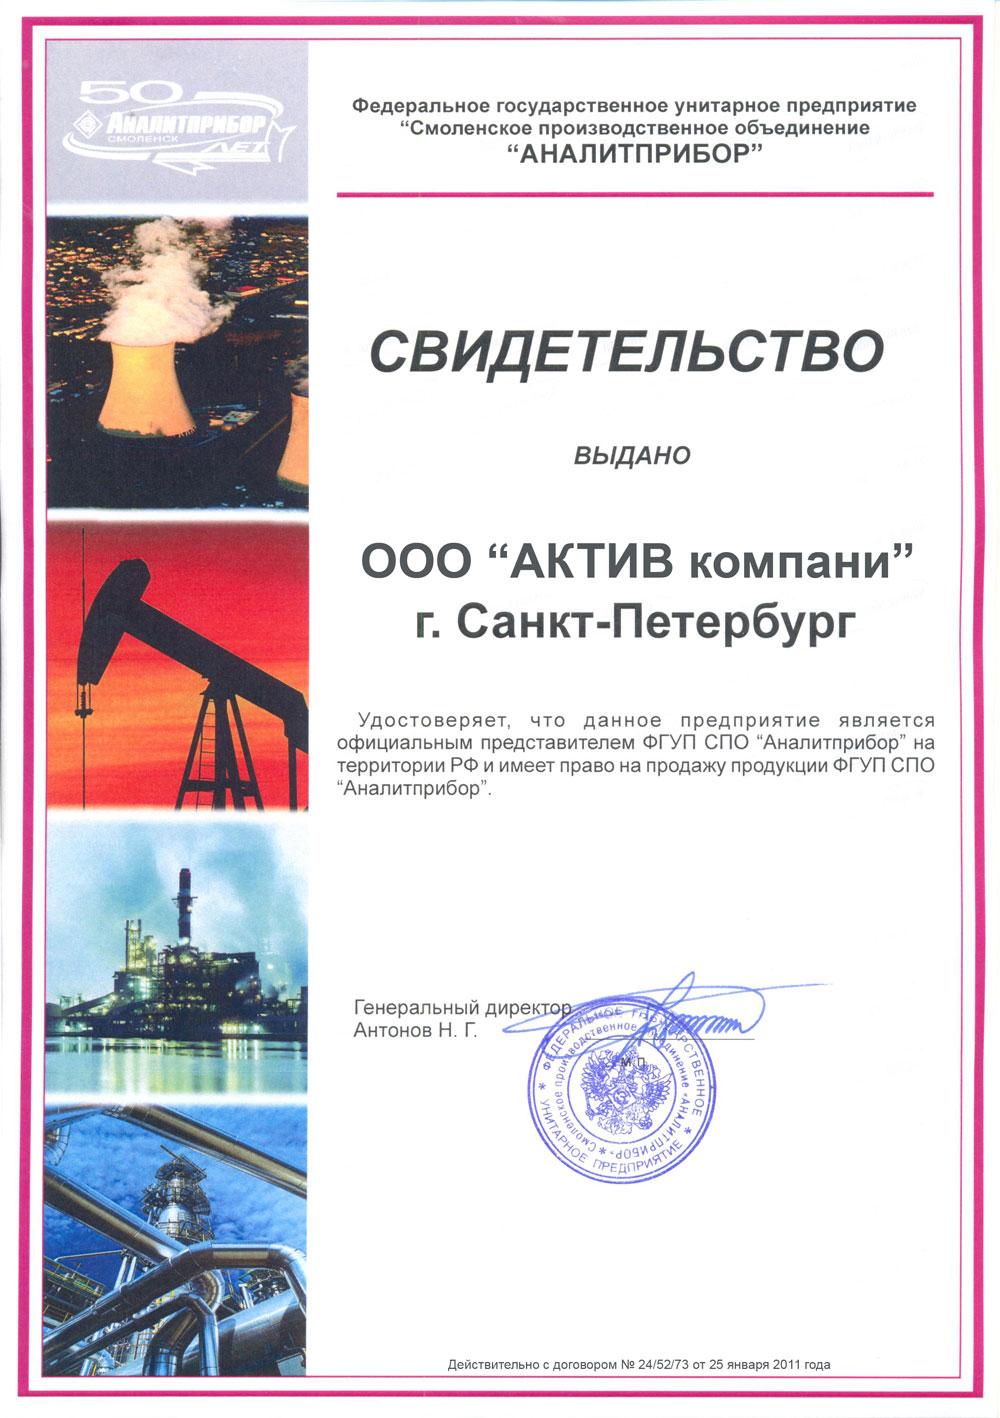 Новости наших поставщиков: ФГУП «СПО «Аналитприбор»